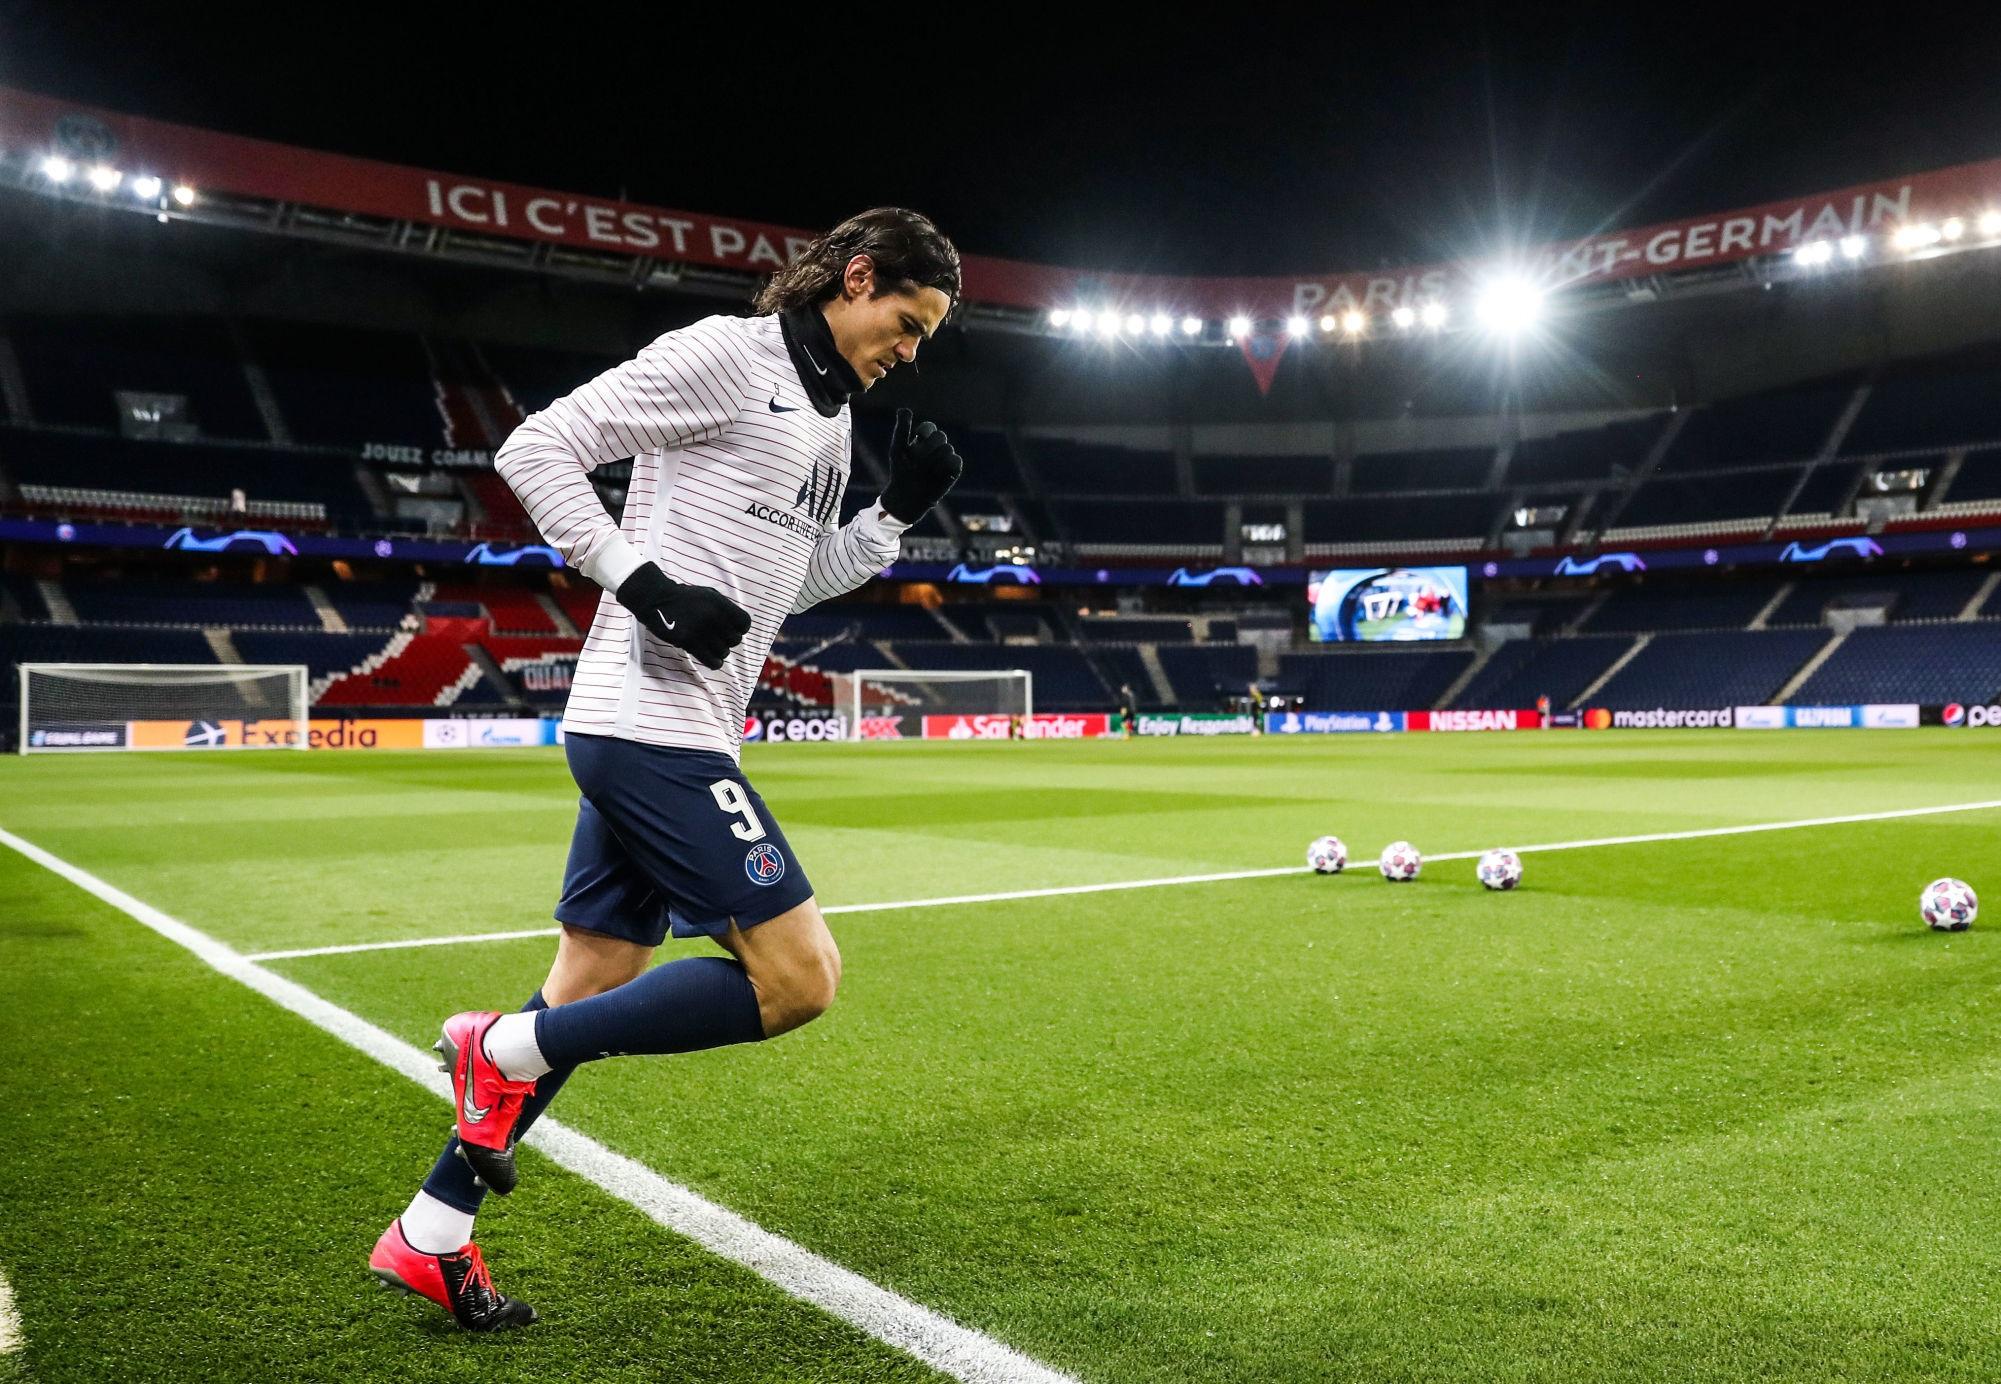 Exclu - Cavani devrait signer au Benfica après avoir tenté de rappeler le PSG